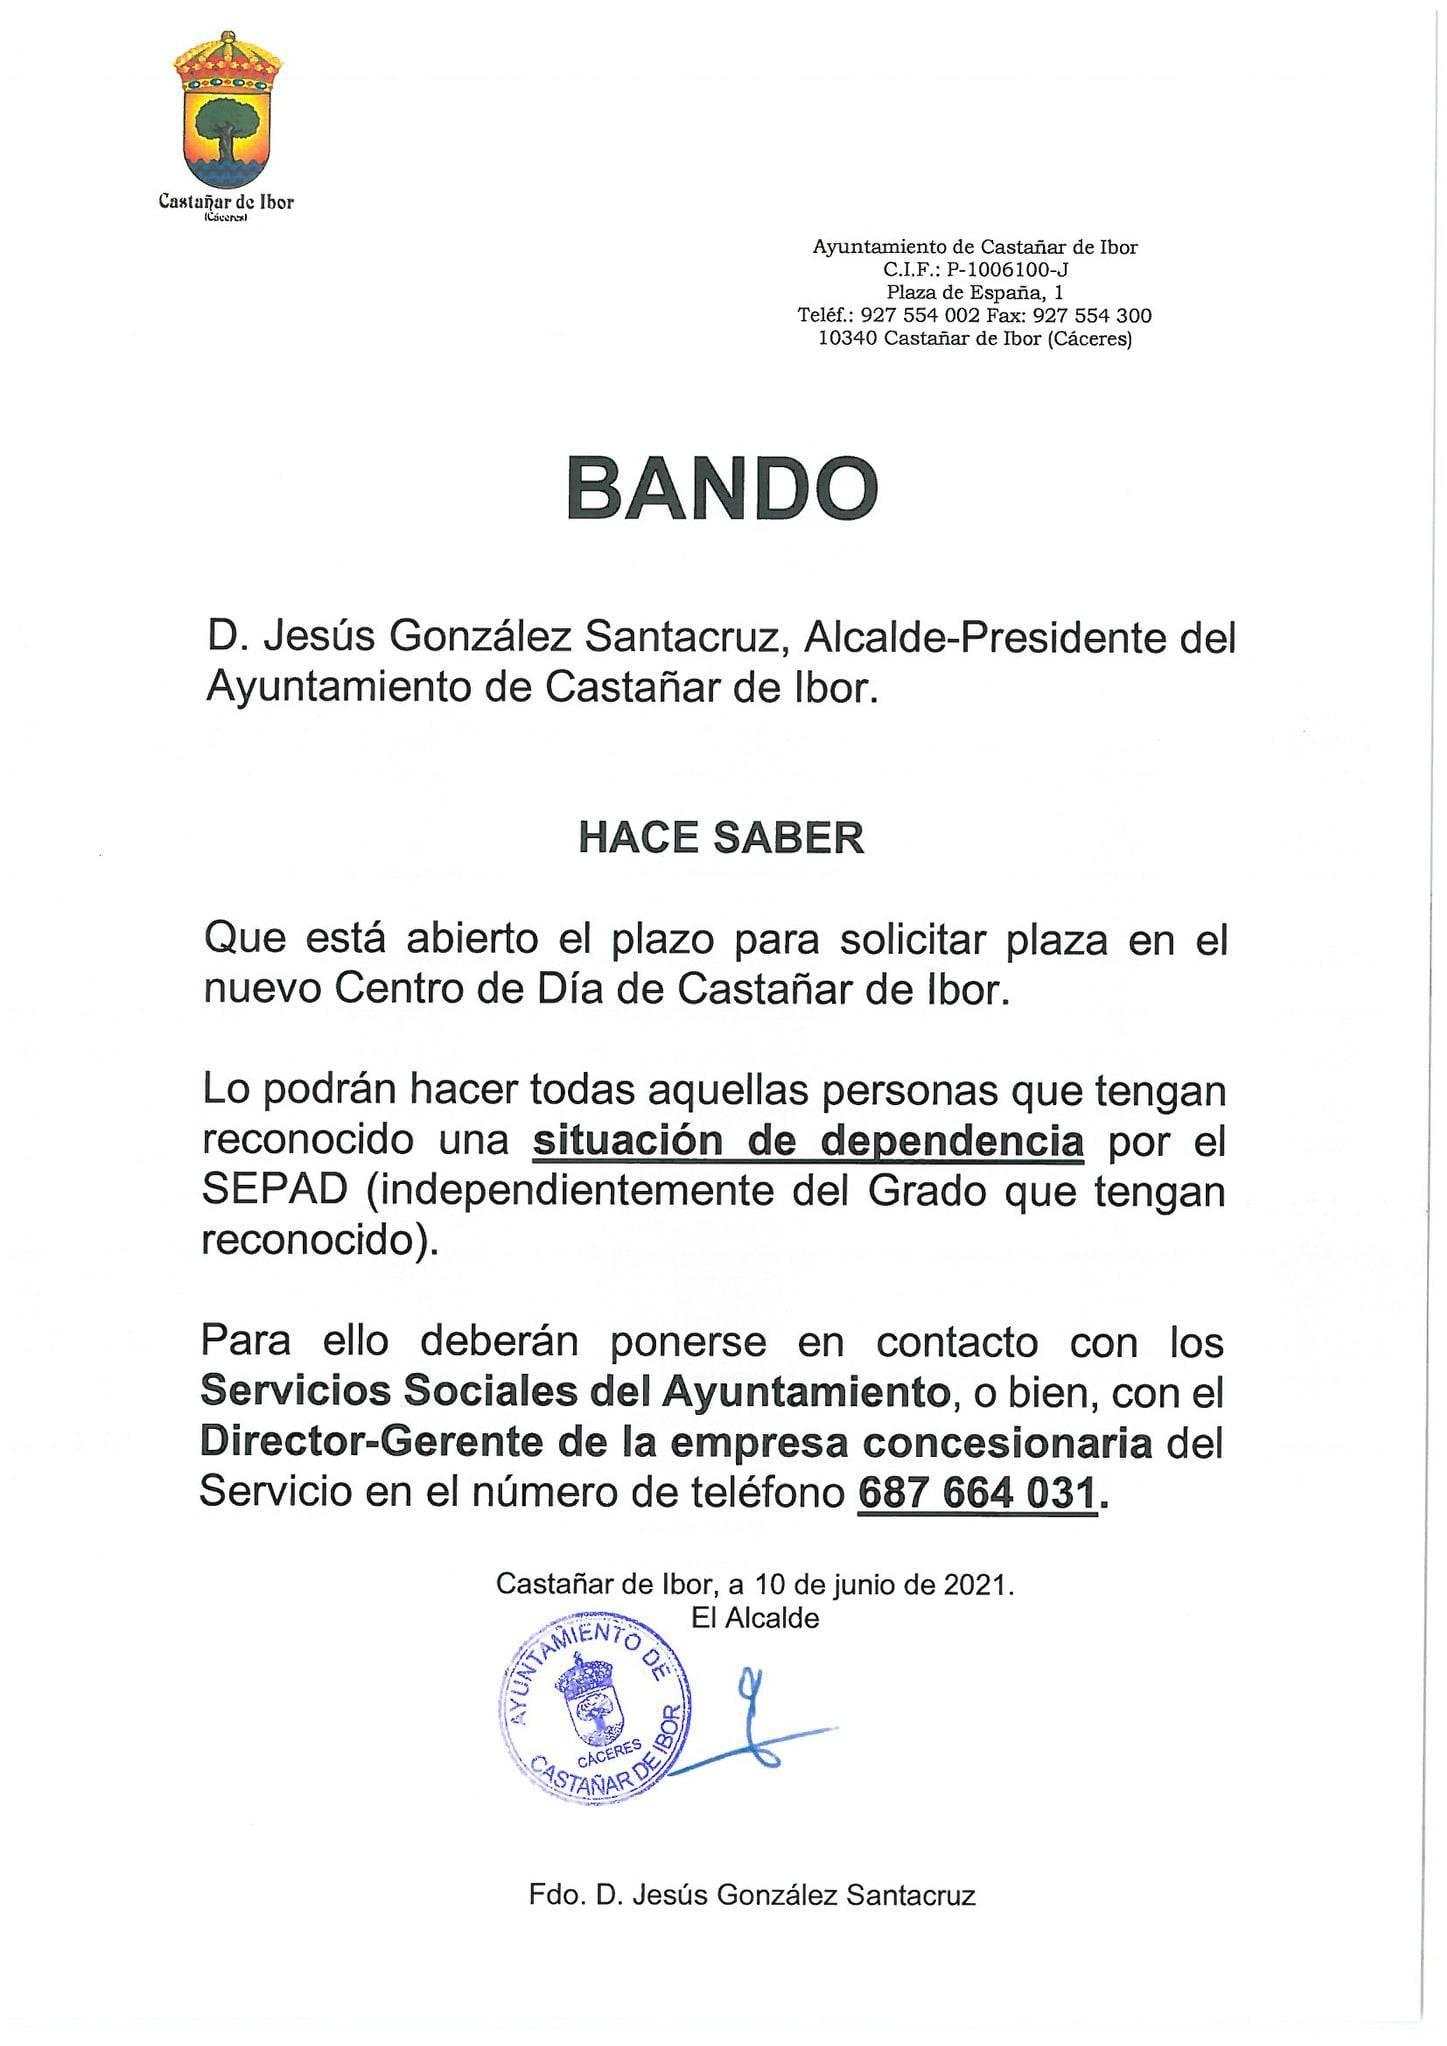 Se abre el plazo para solicitar plaza en el centro de día (2021) - Castañar de Ibor (Cáceres)